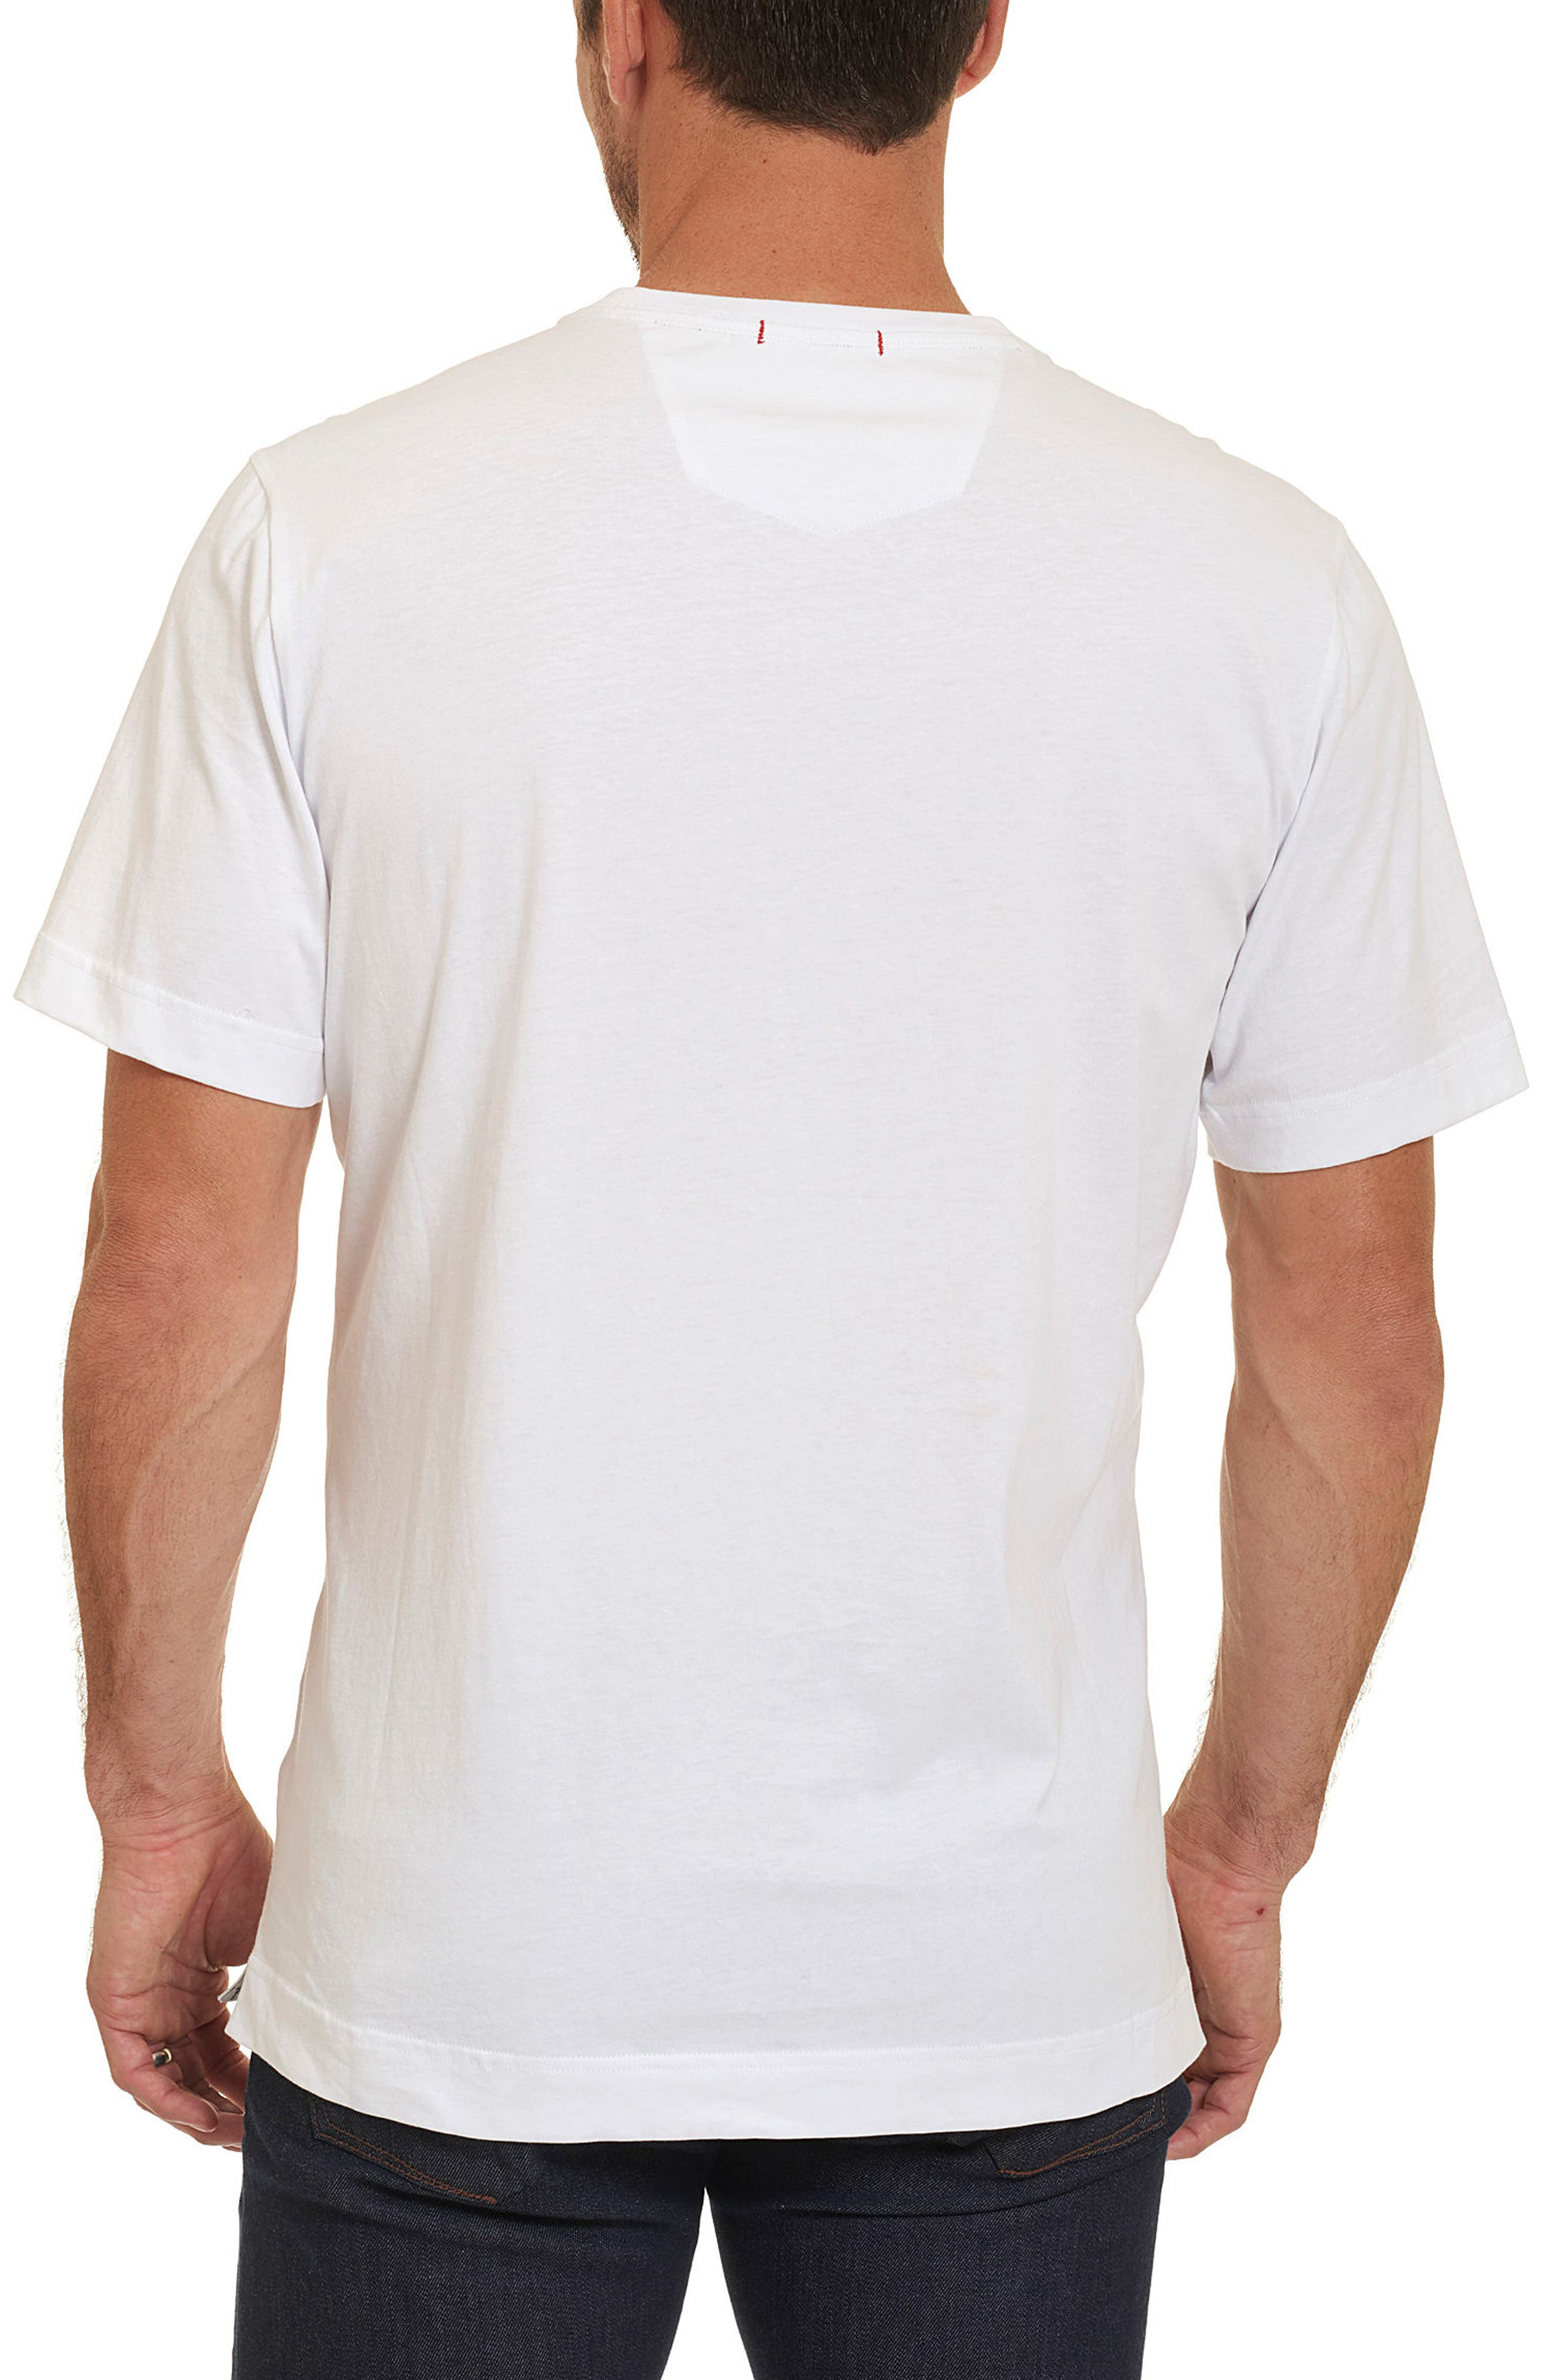 Monica Pier Classic Fit Graphic T-Shirt,                             Alternate thumbnail 2, color,                             White